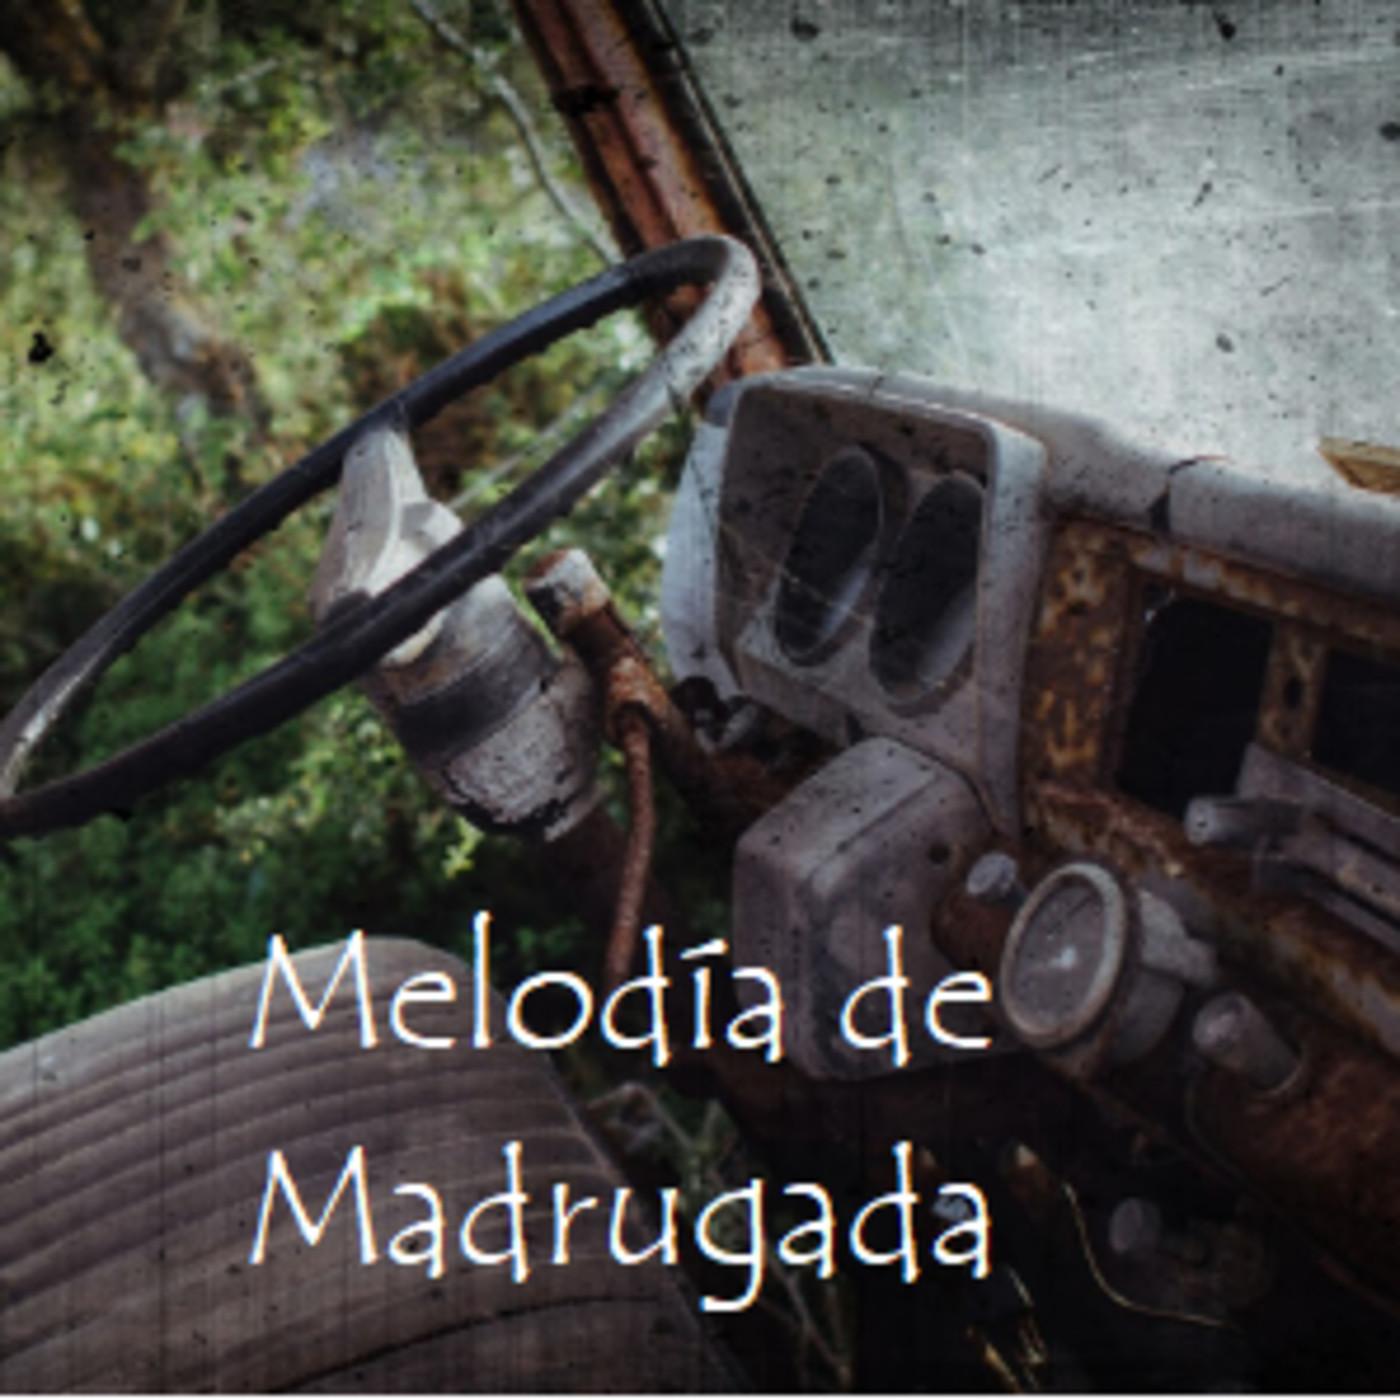 Audiorrelato: Melodía de madrugada (M.A. Álvarez / Los Cuentos de Caronte).